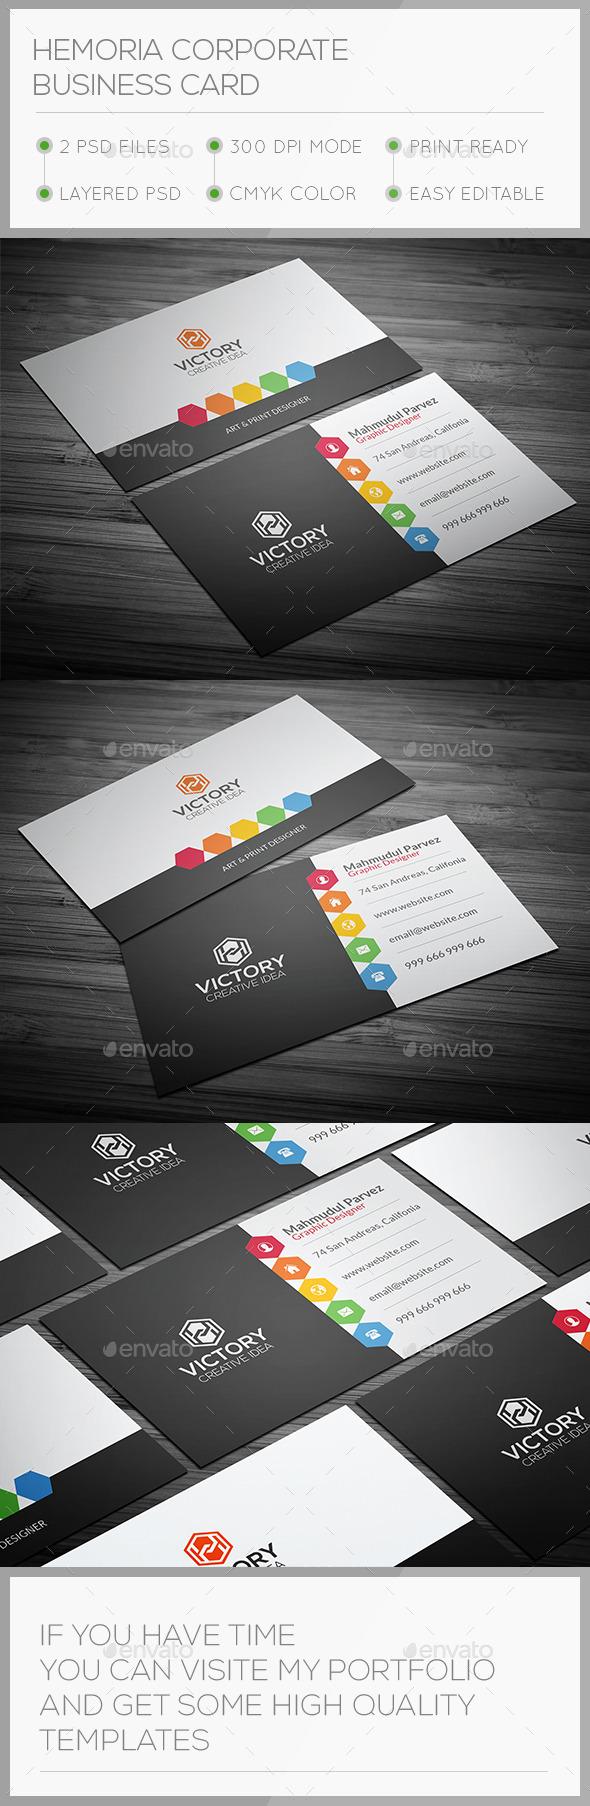 Hemoria Corporate Business Card - Corporate Business Cards